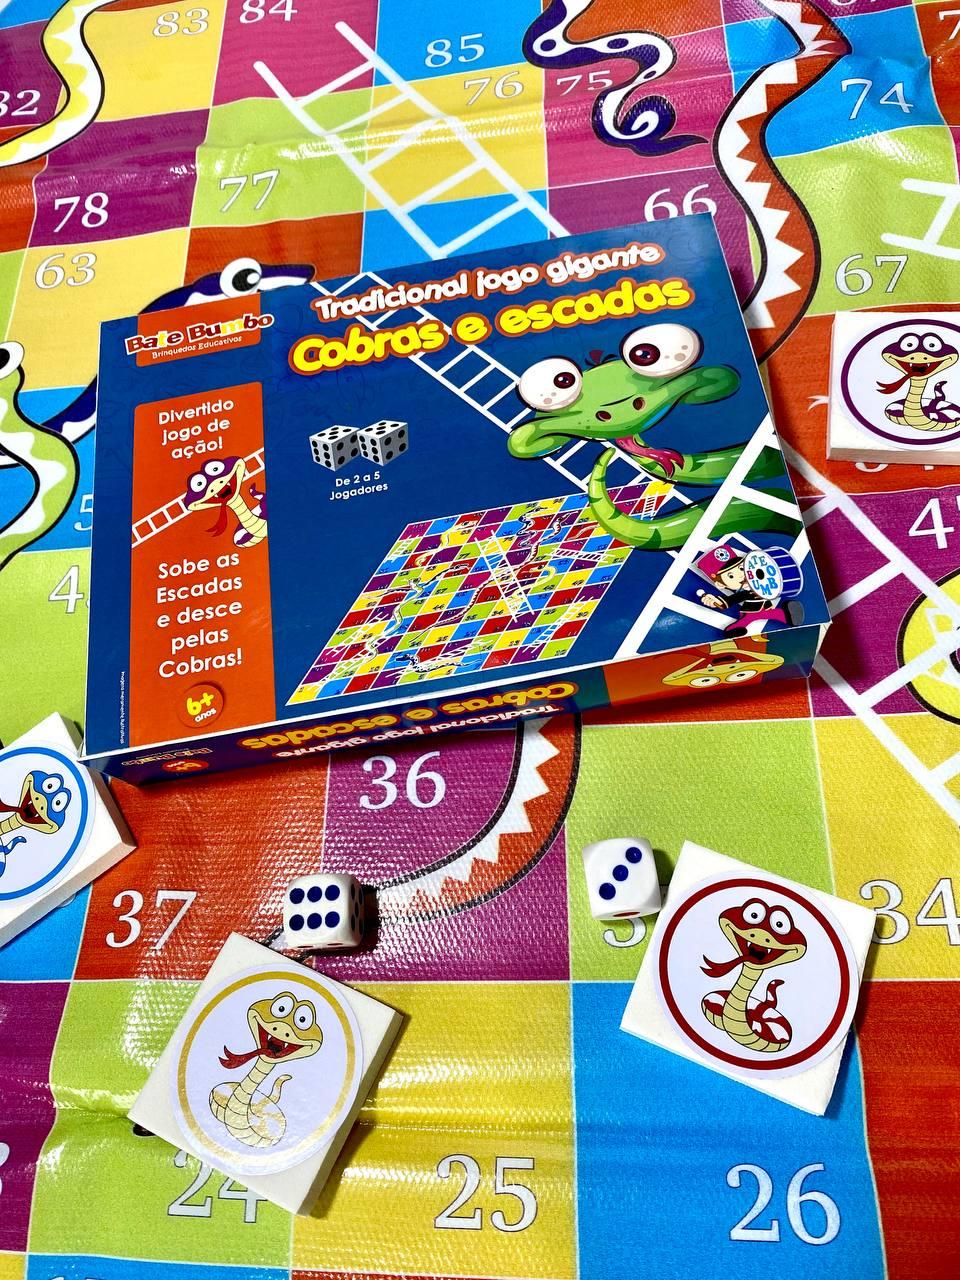 Jogo da Cobra e Escada Gigante - Bate Bumbo